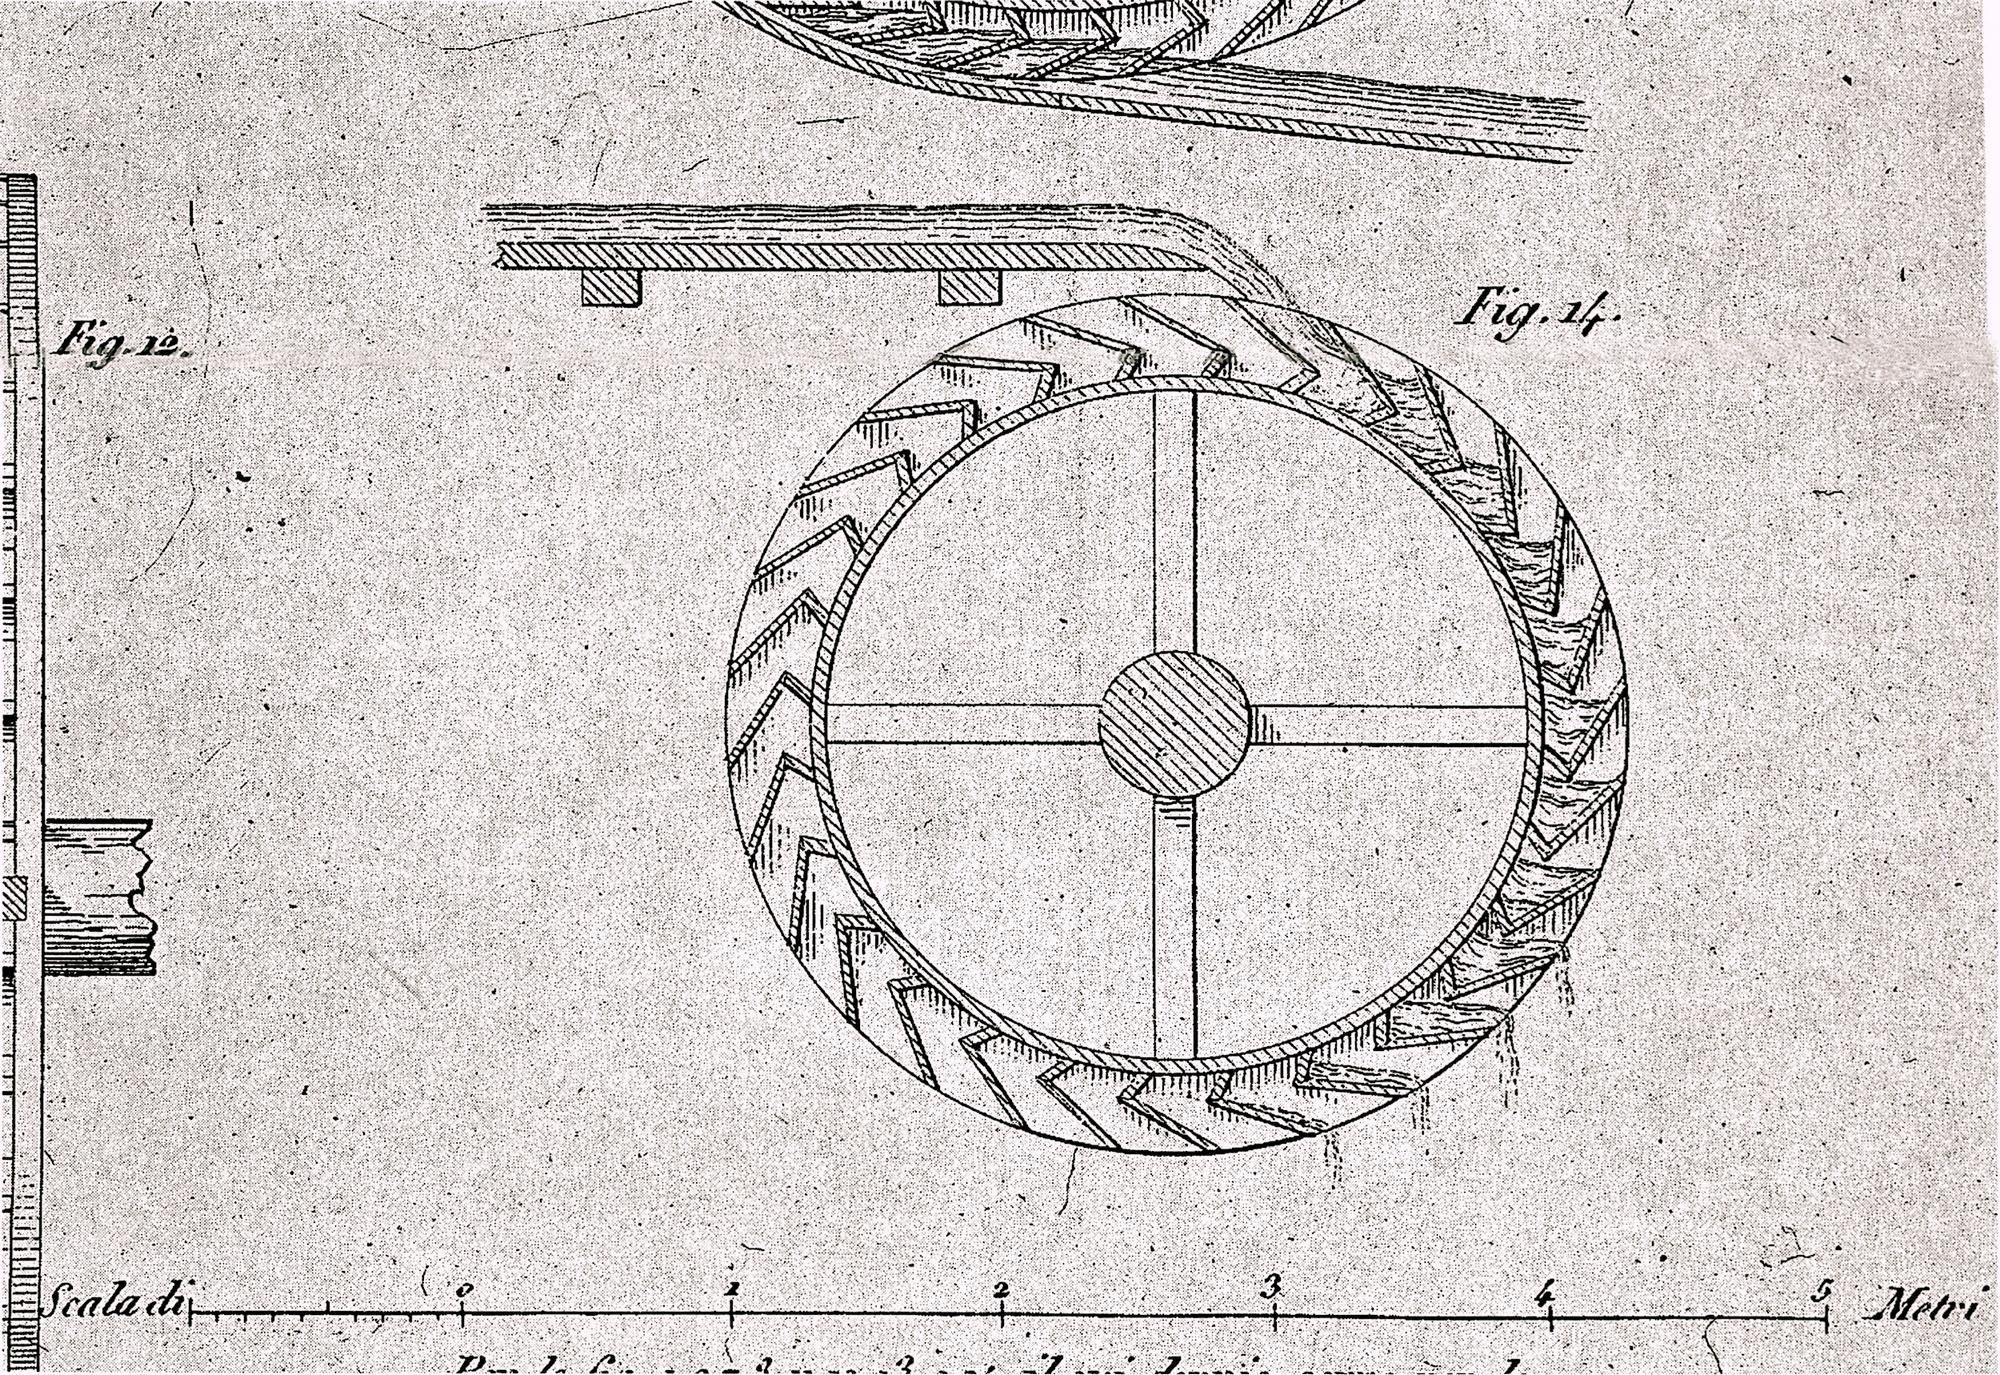 L'alimentazione del mulino a coppedello nella schematica raffigurazione dell'ing. Cadolini (1835).